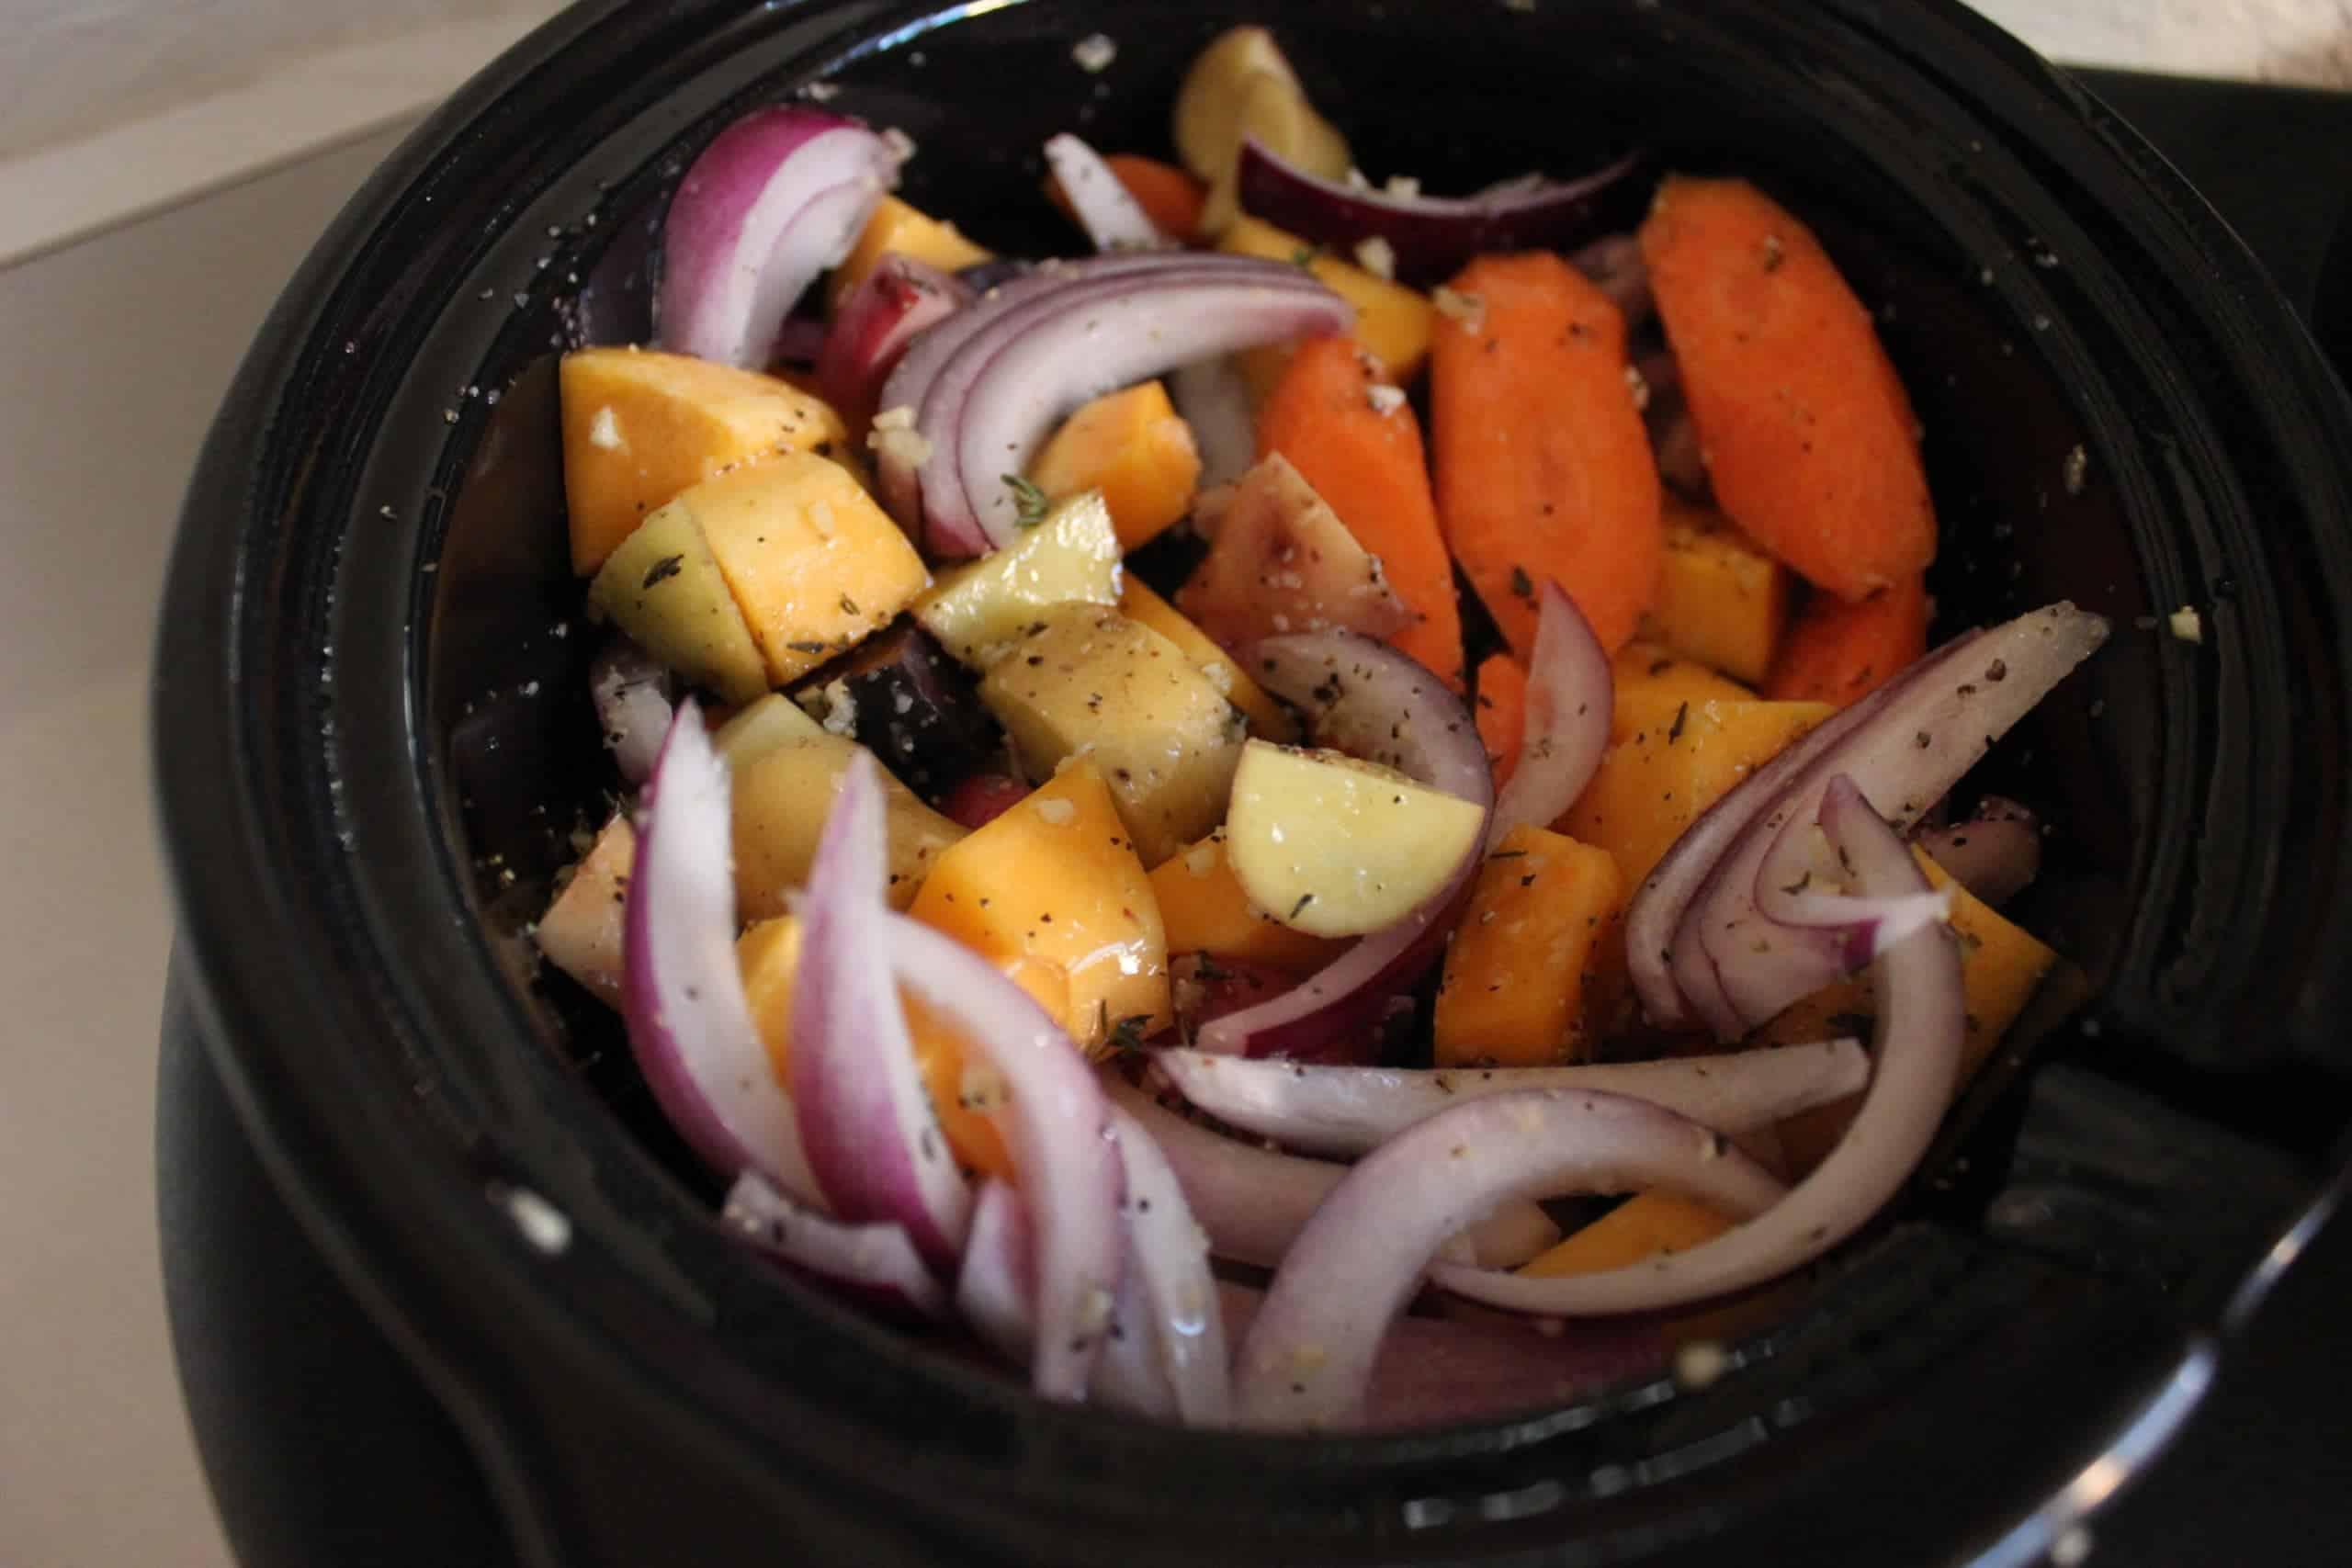 Vegetables inside a crock pot